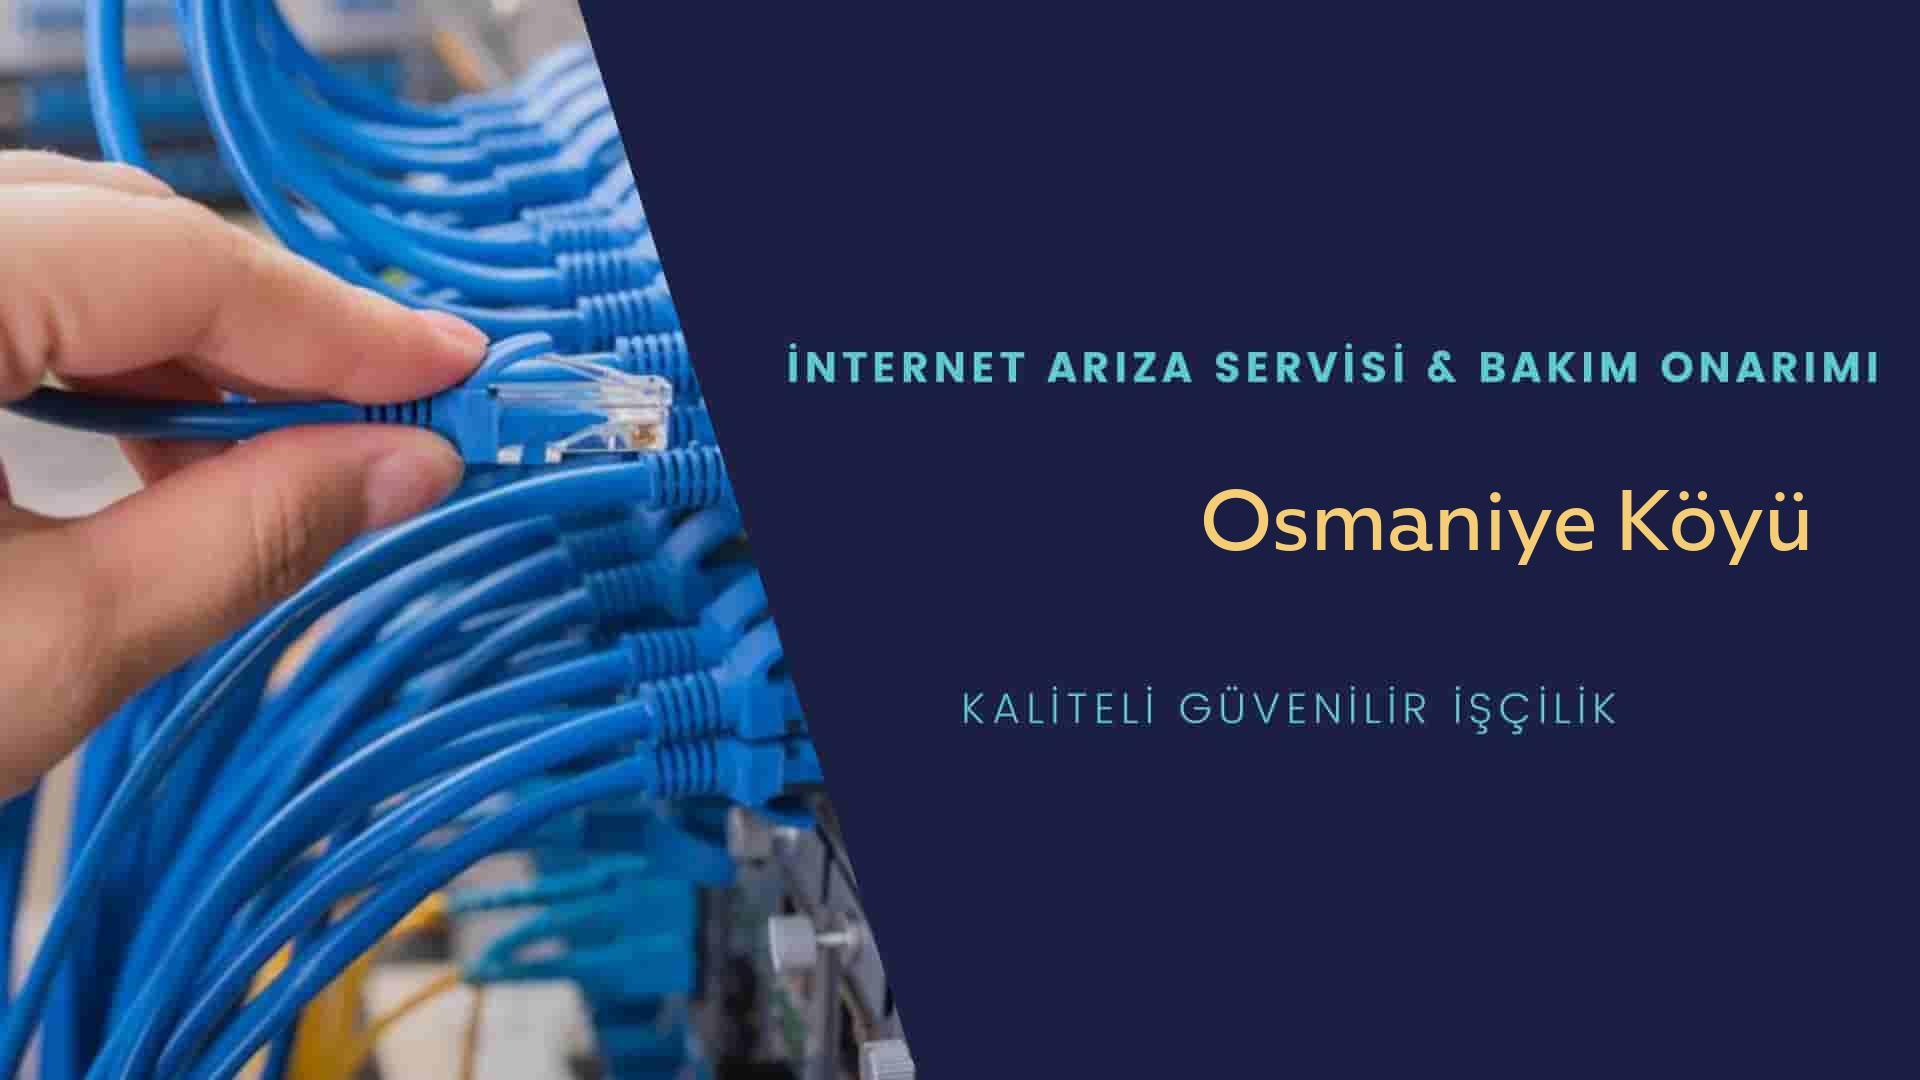 Osmaniye Köyü internet kablosu çekimi yapan yerler veya elektrikçiler mi? arıyorsunuz doğru yerdesiniz o zaman sizlere 7/24 yardımcı olacak profesyonel ustalarımız bir telefon kadar yakındır size.